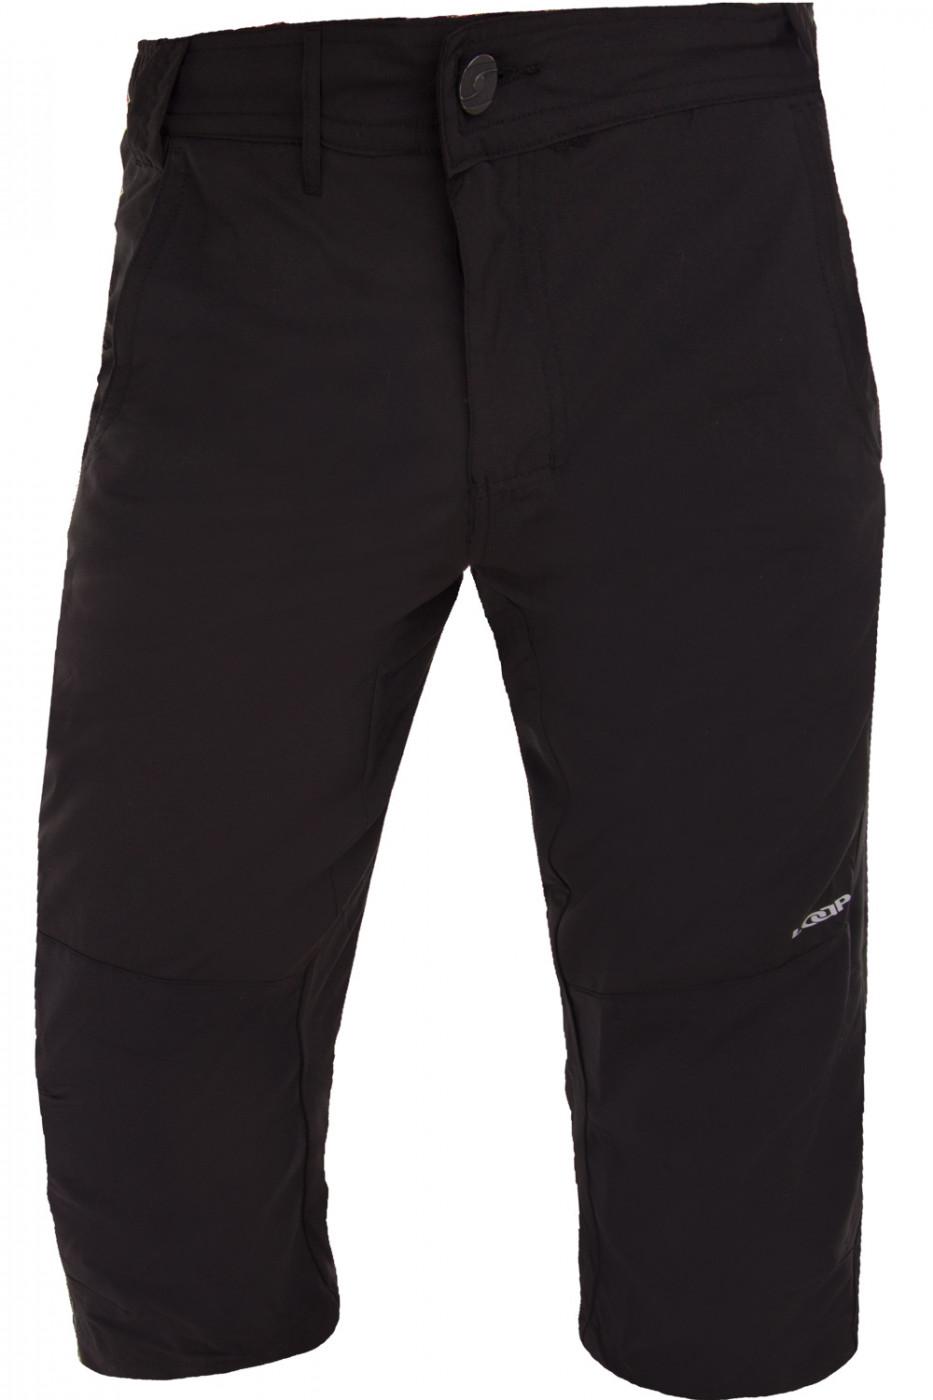 225978eca0 3 4 kalhoty pánské LOAP UZUS - FACTCOOL